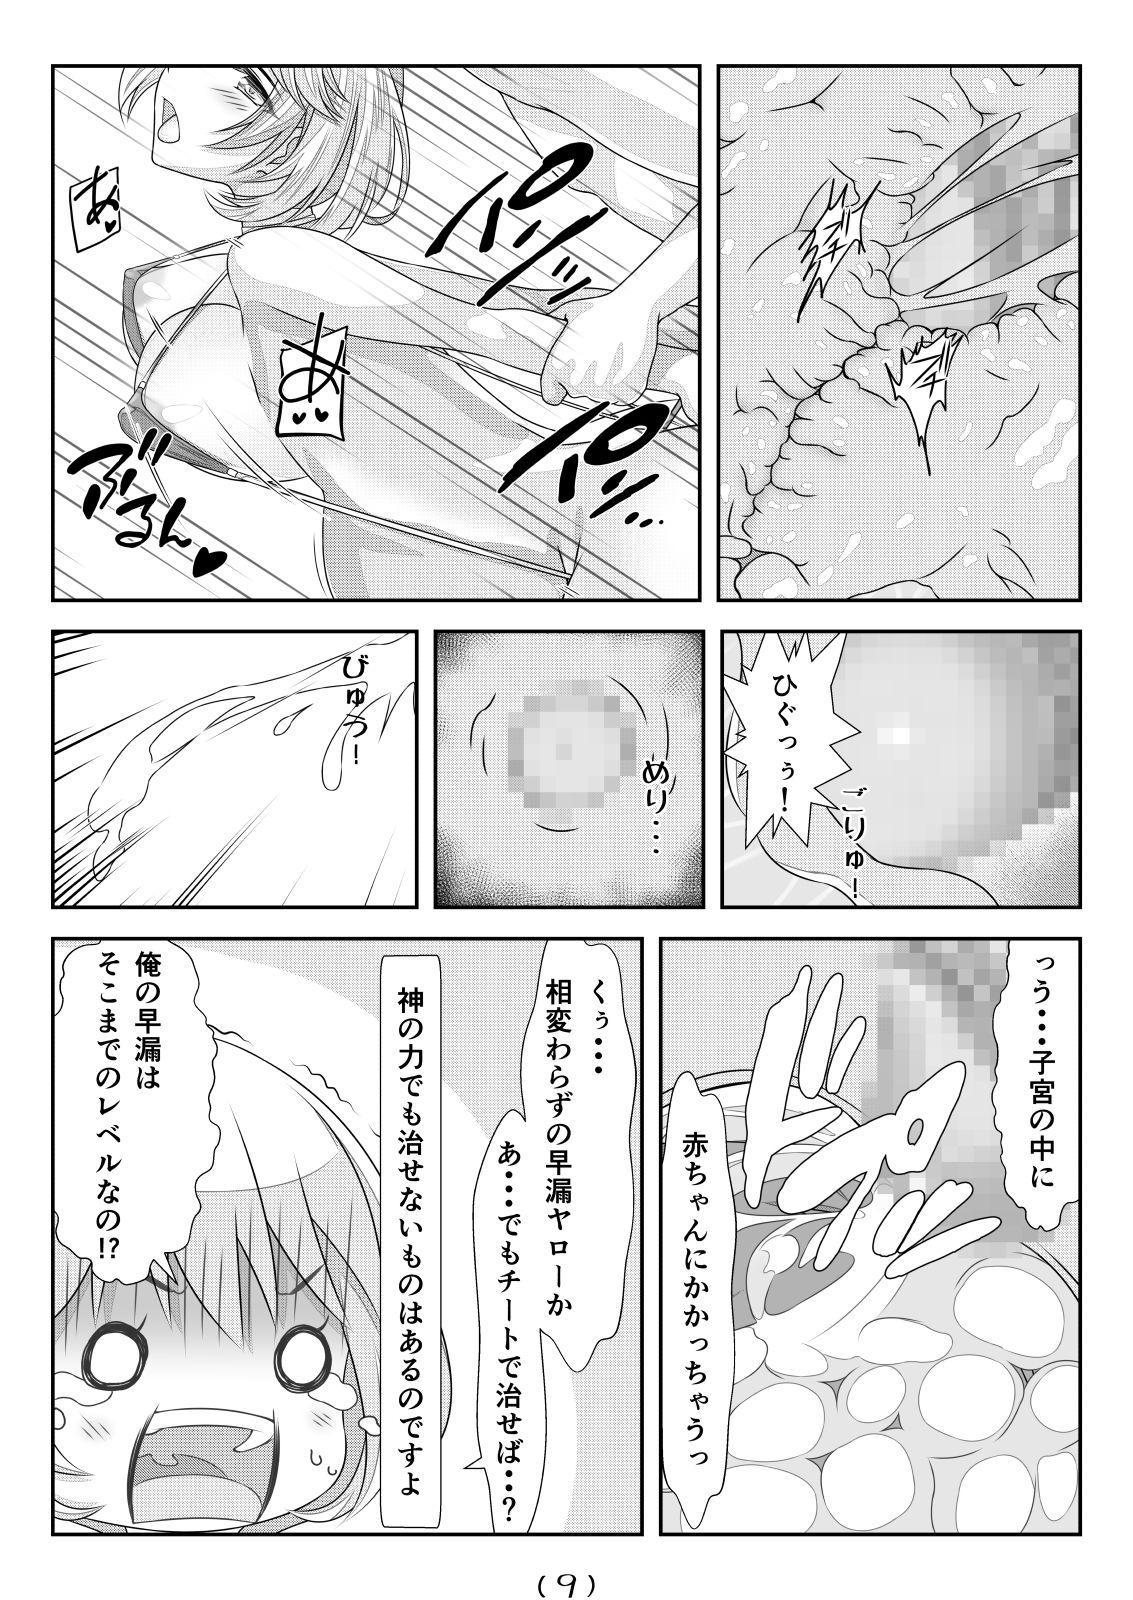 Nyotaika Cheat ga Isekai demo Souzou Ijou ni Bannou Sugita Sono 5 9